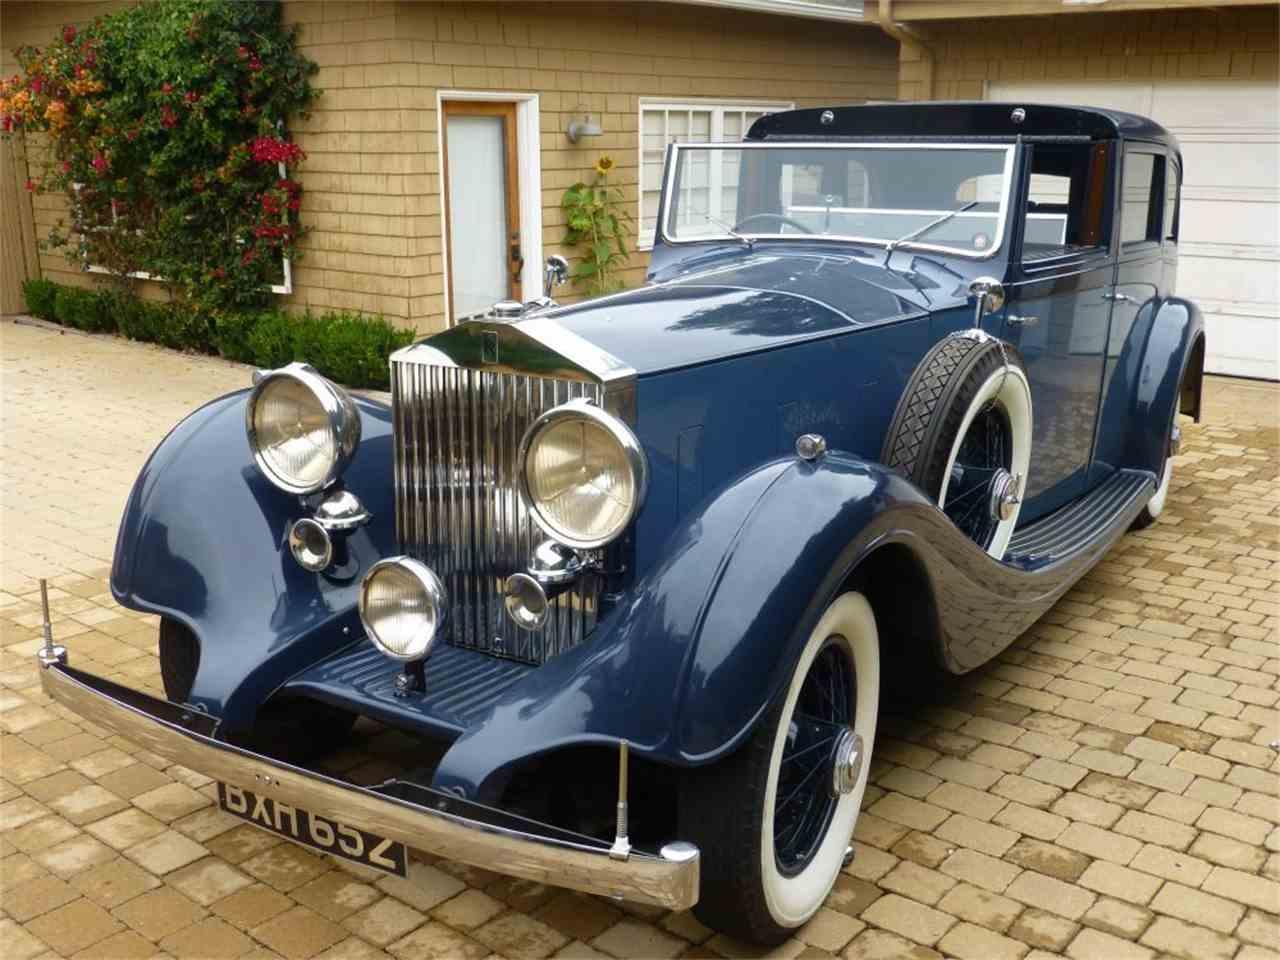 1934 Rolls Royce Phantom II for Sale | ClassicCars.com ...